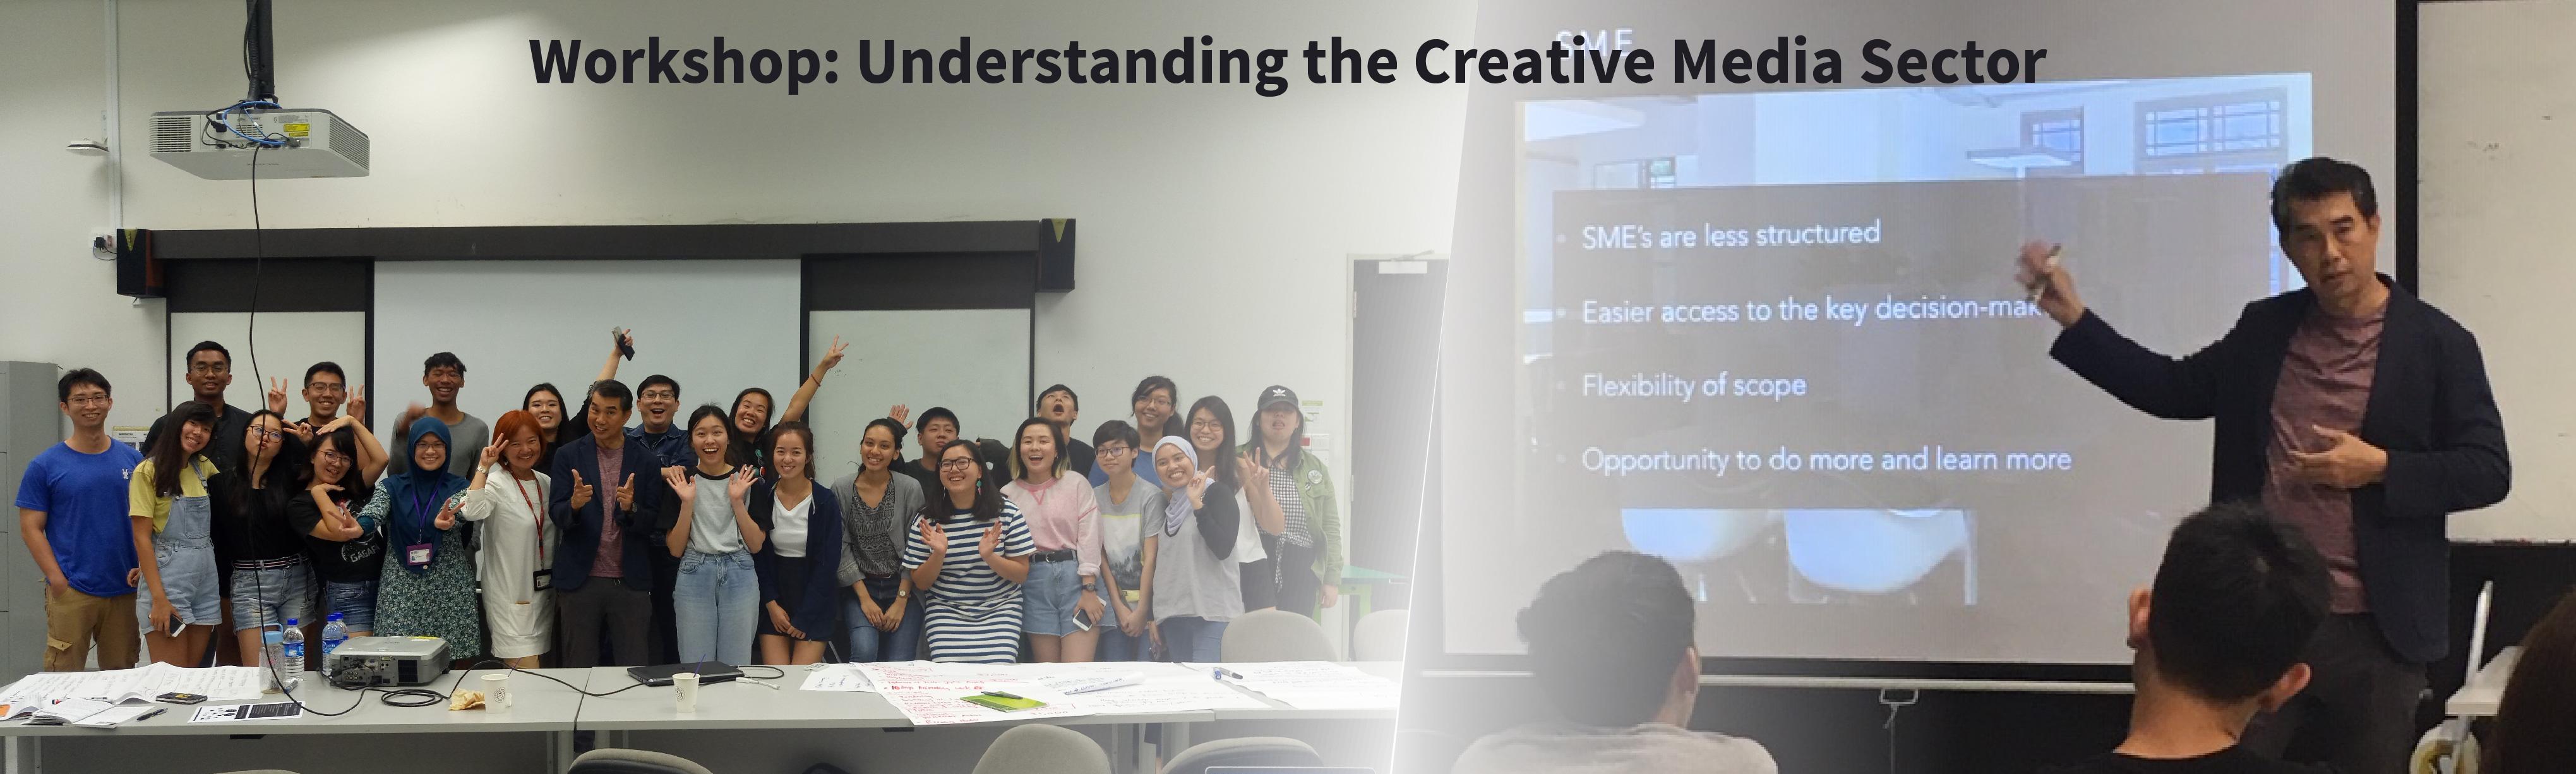 creative media workshop banner-01